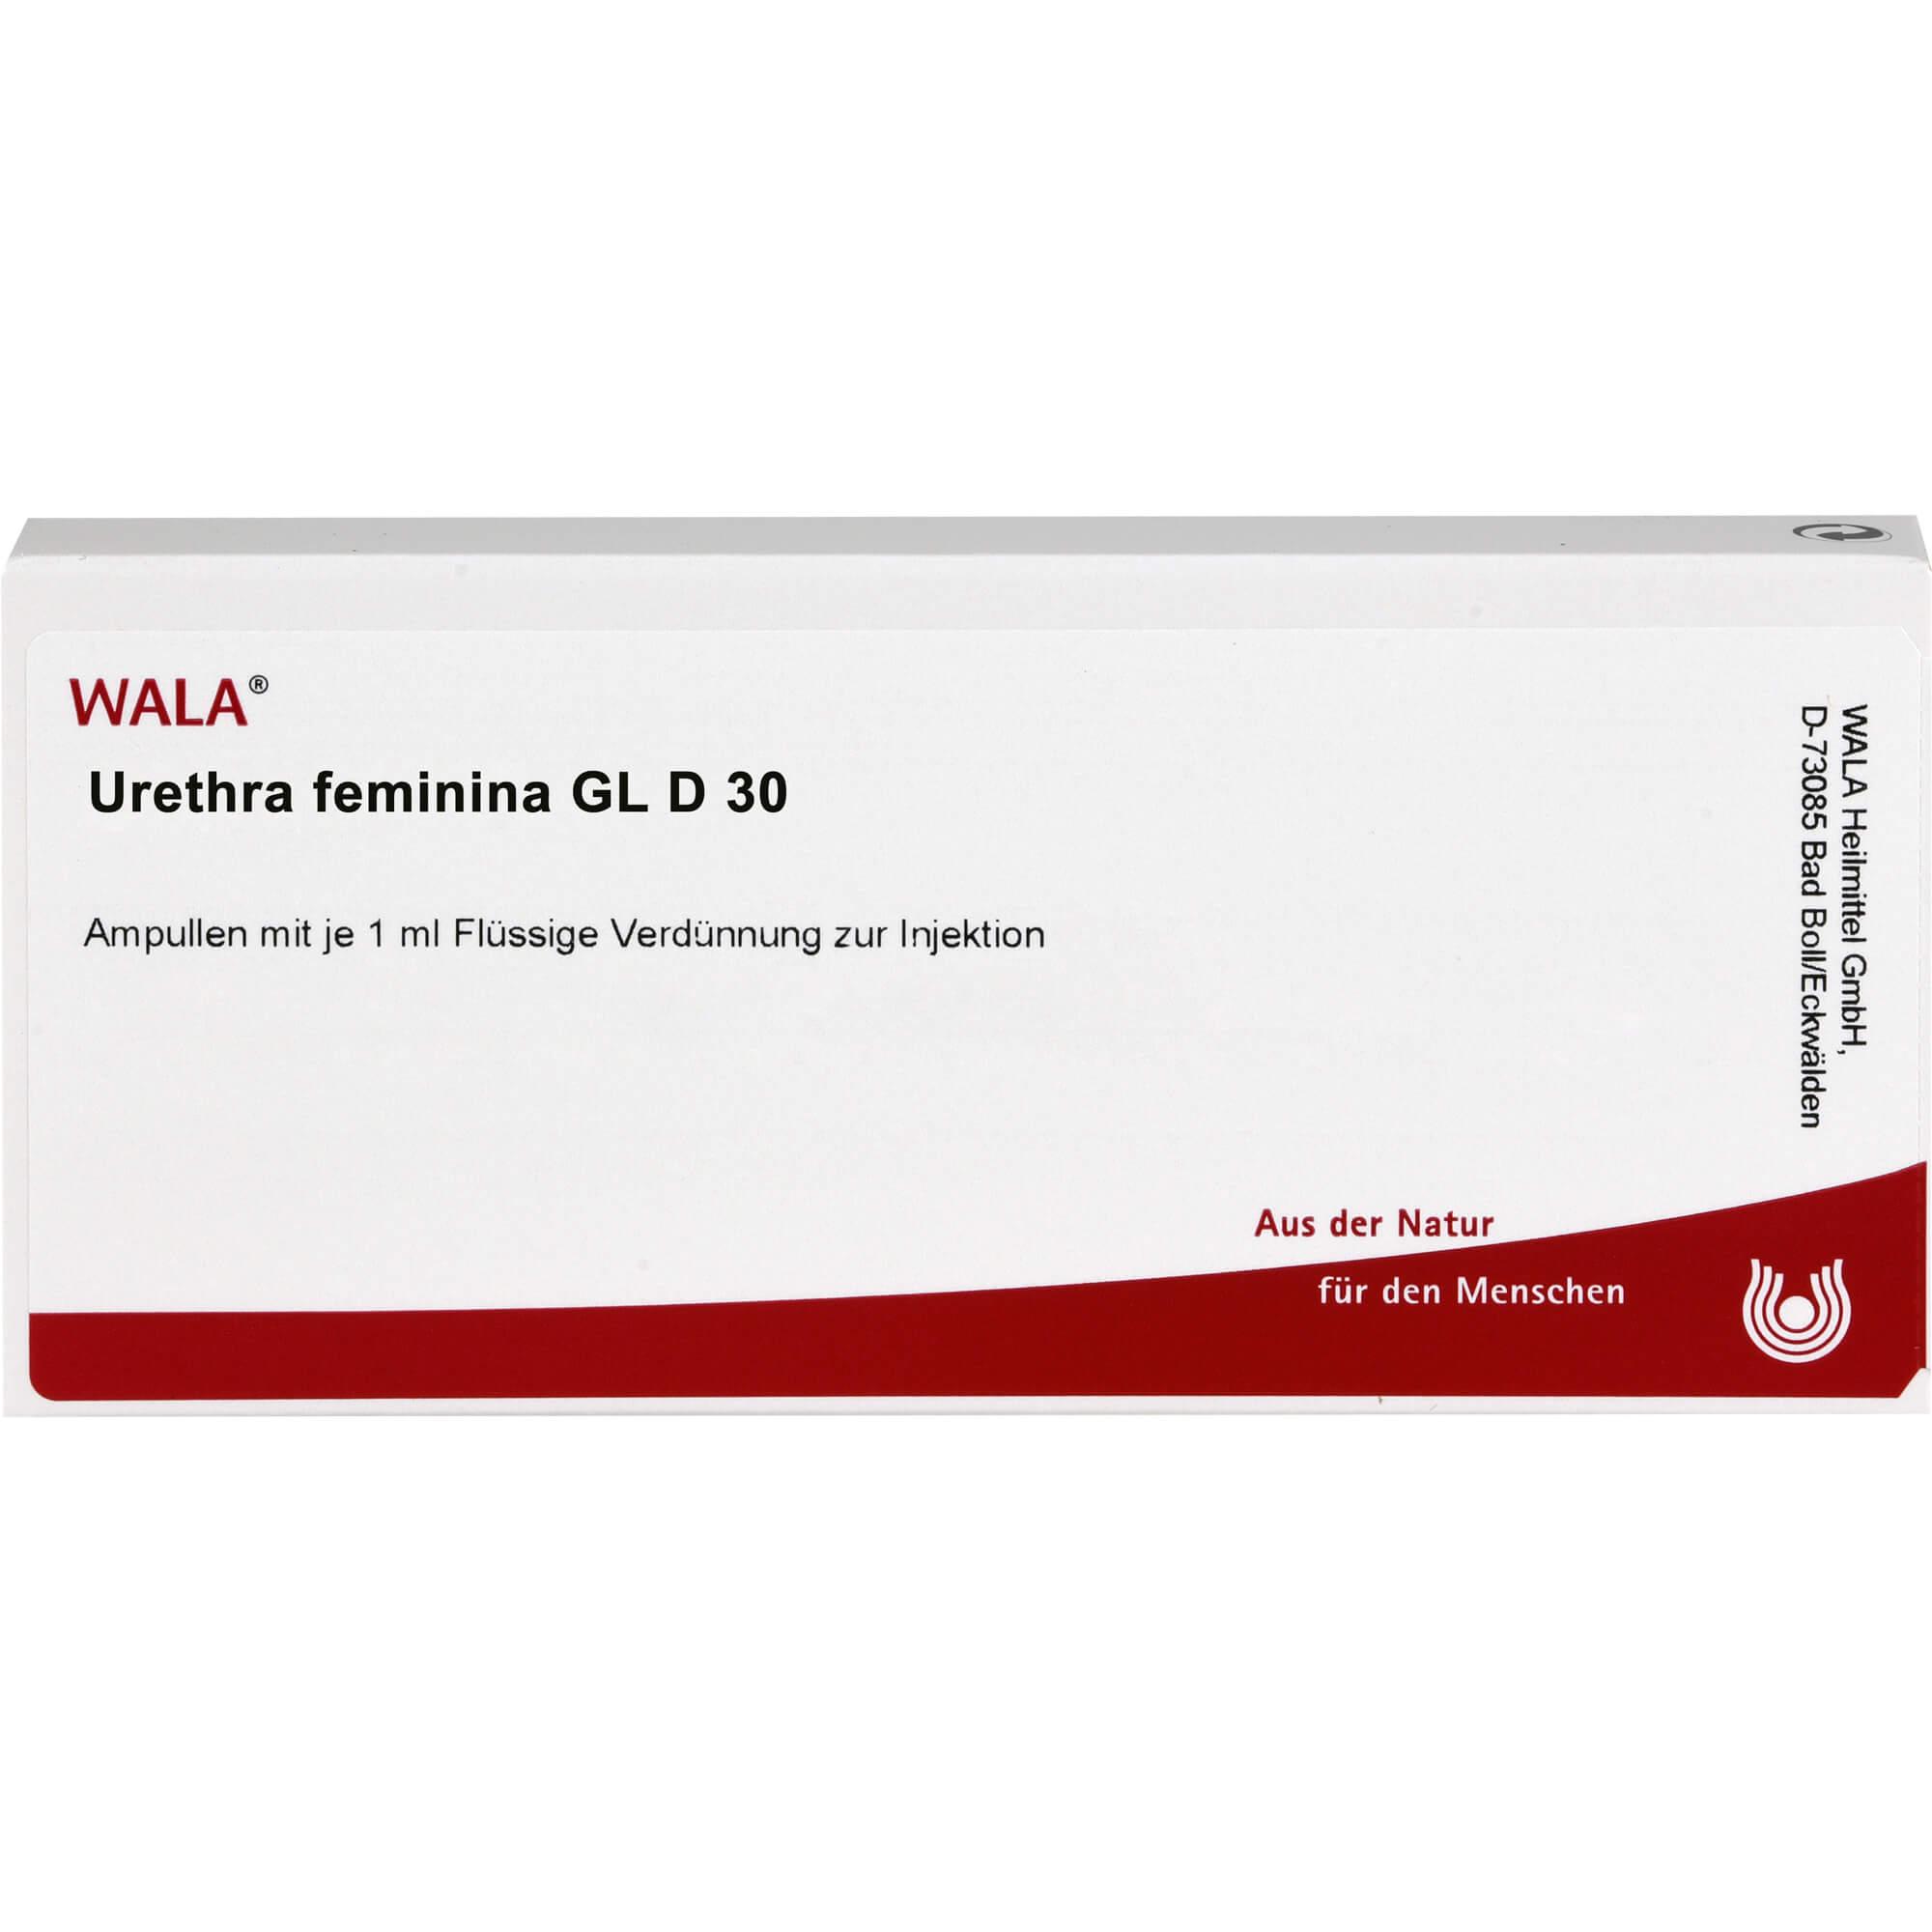 URETHRA feminina GL D 30 Ampullen